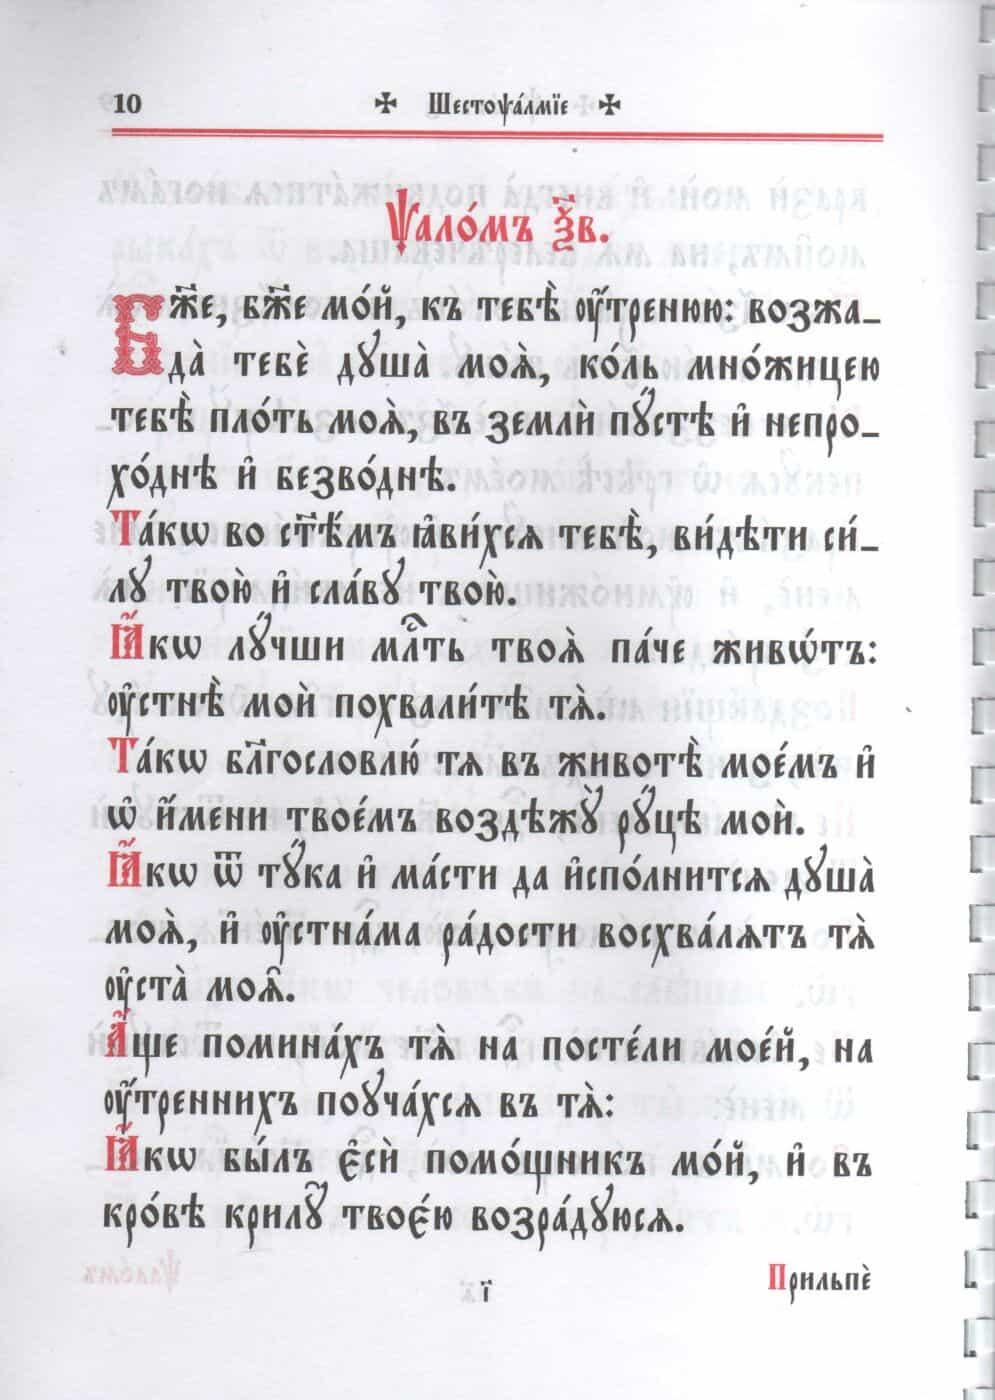 Шестопсалмие: текст молитвы на русском, номера псалмов, как правильно читать